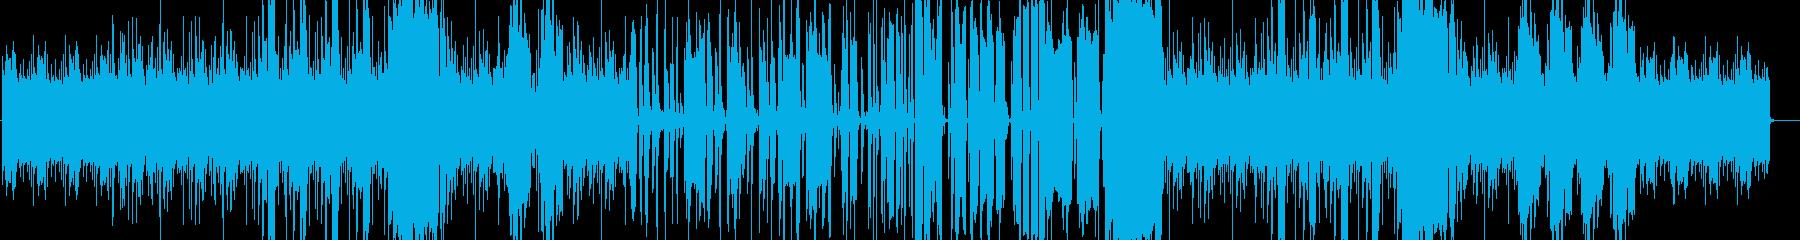 生サックスでベースが疾走するfunkの再生済みの波形